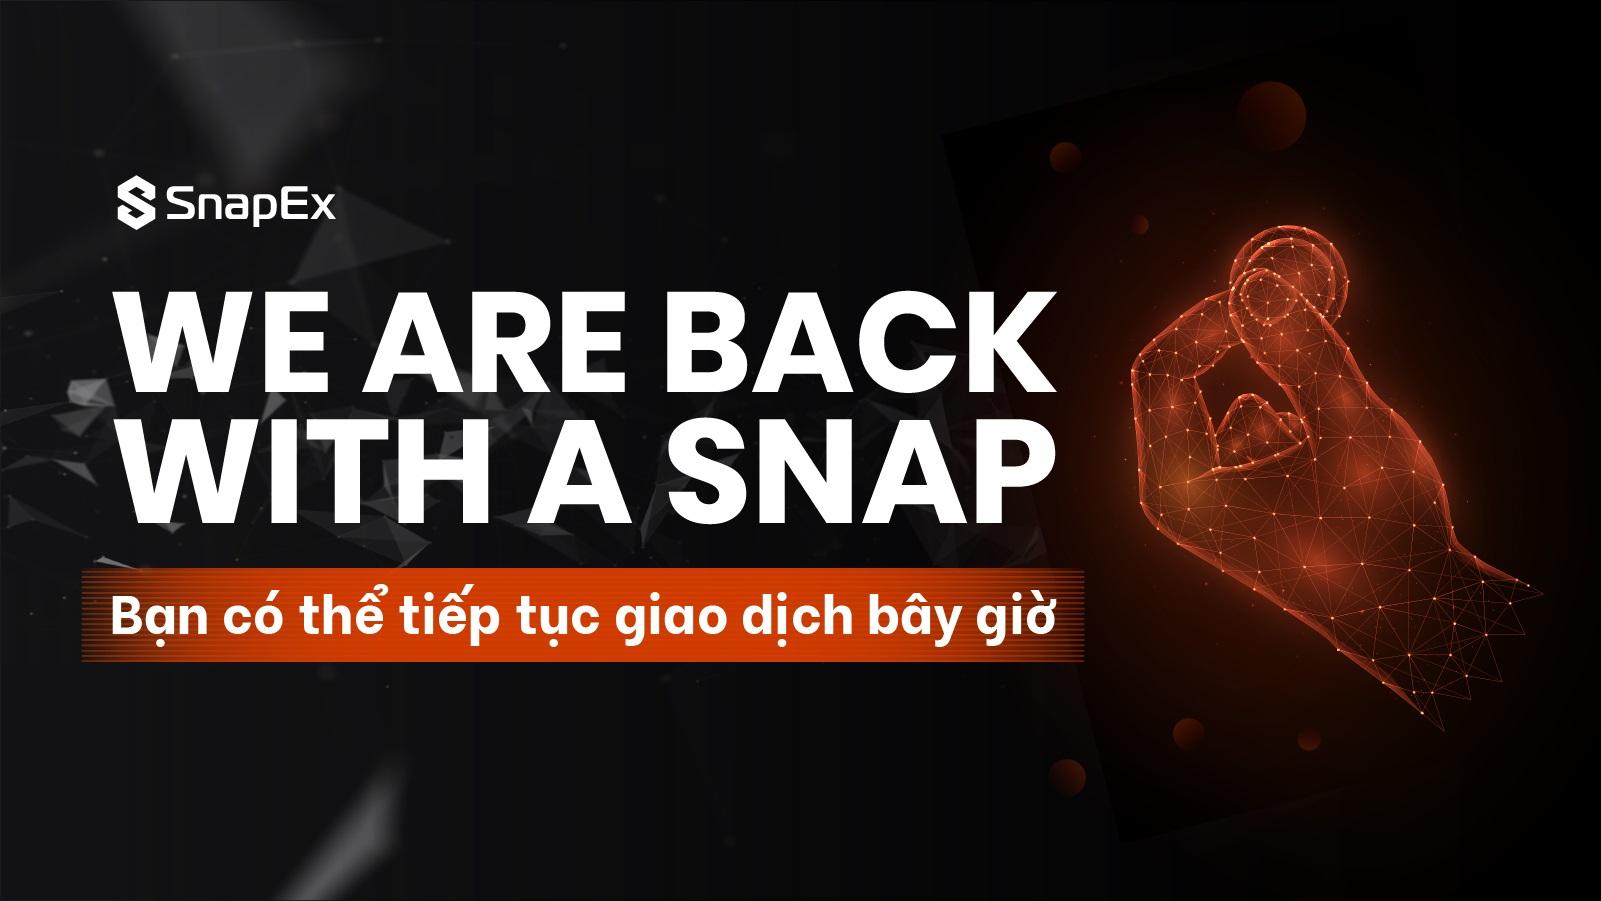 Nền tảng giao dịch SnapEx chính thức hoạt động trở lại, giảm 90% phí giao dịch